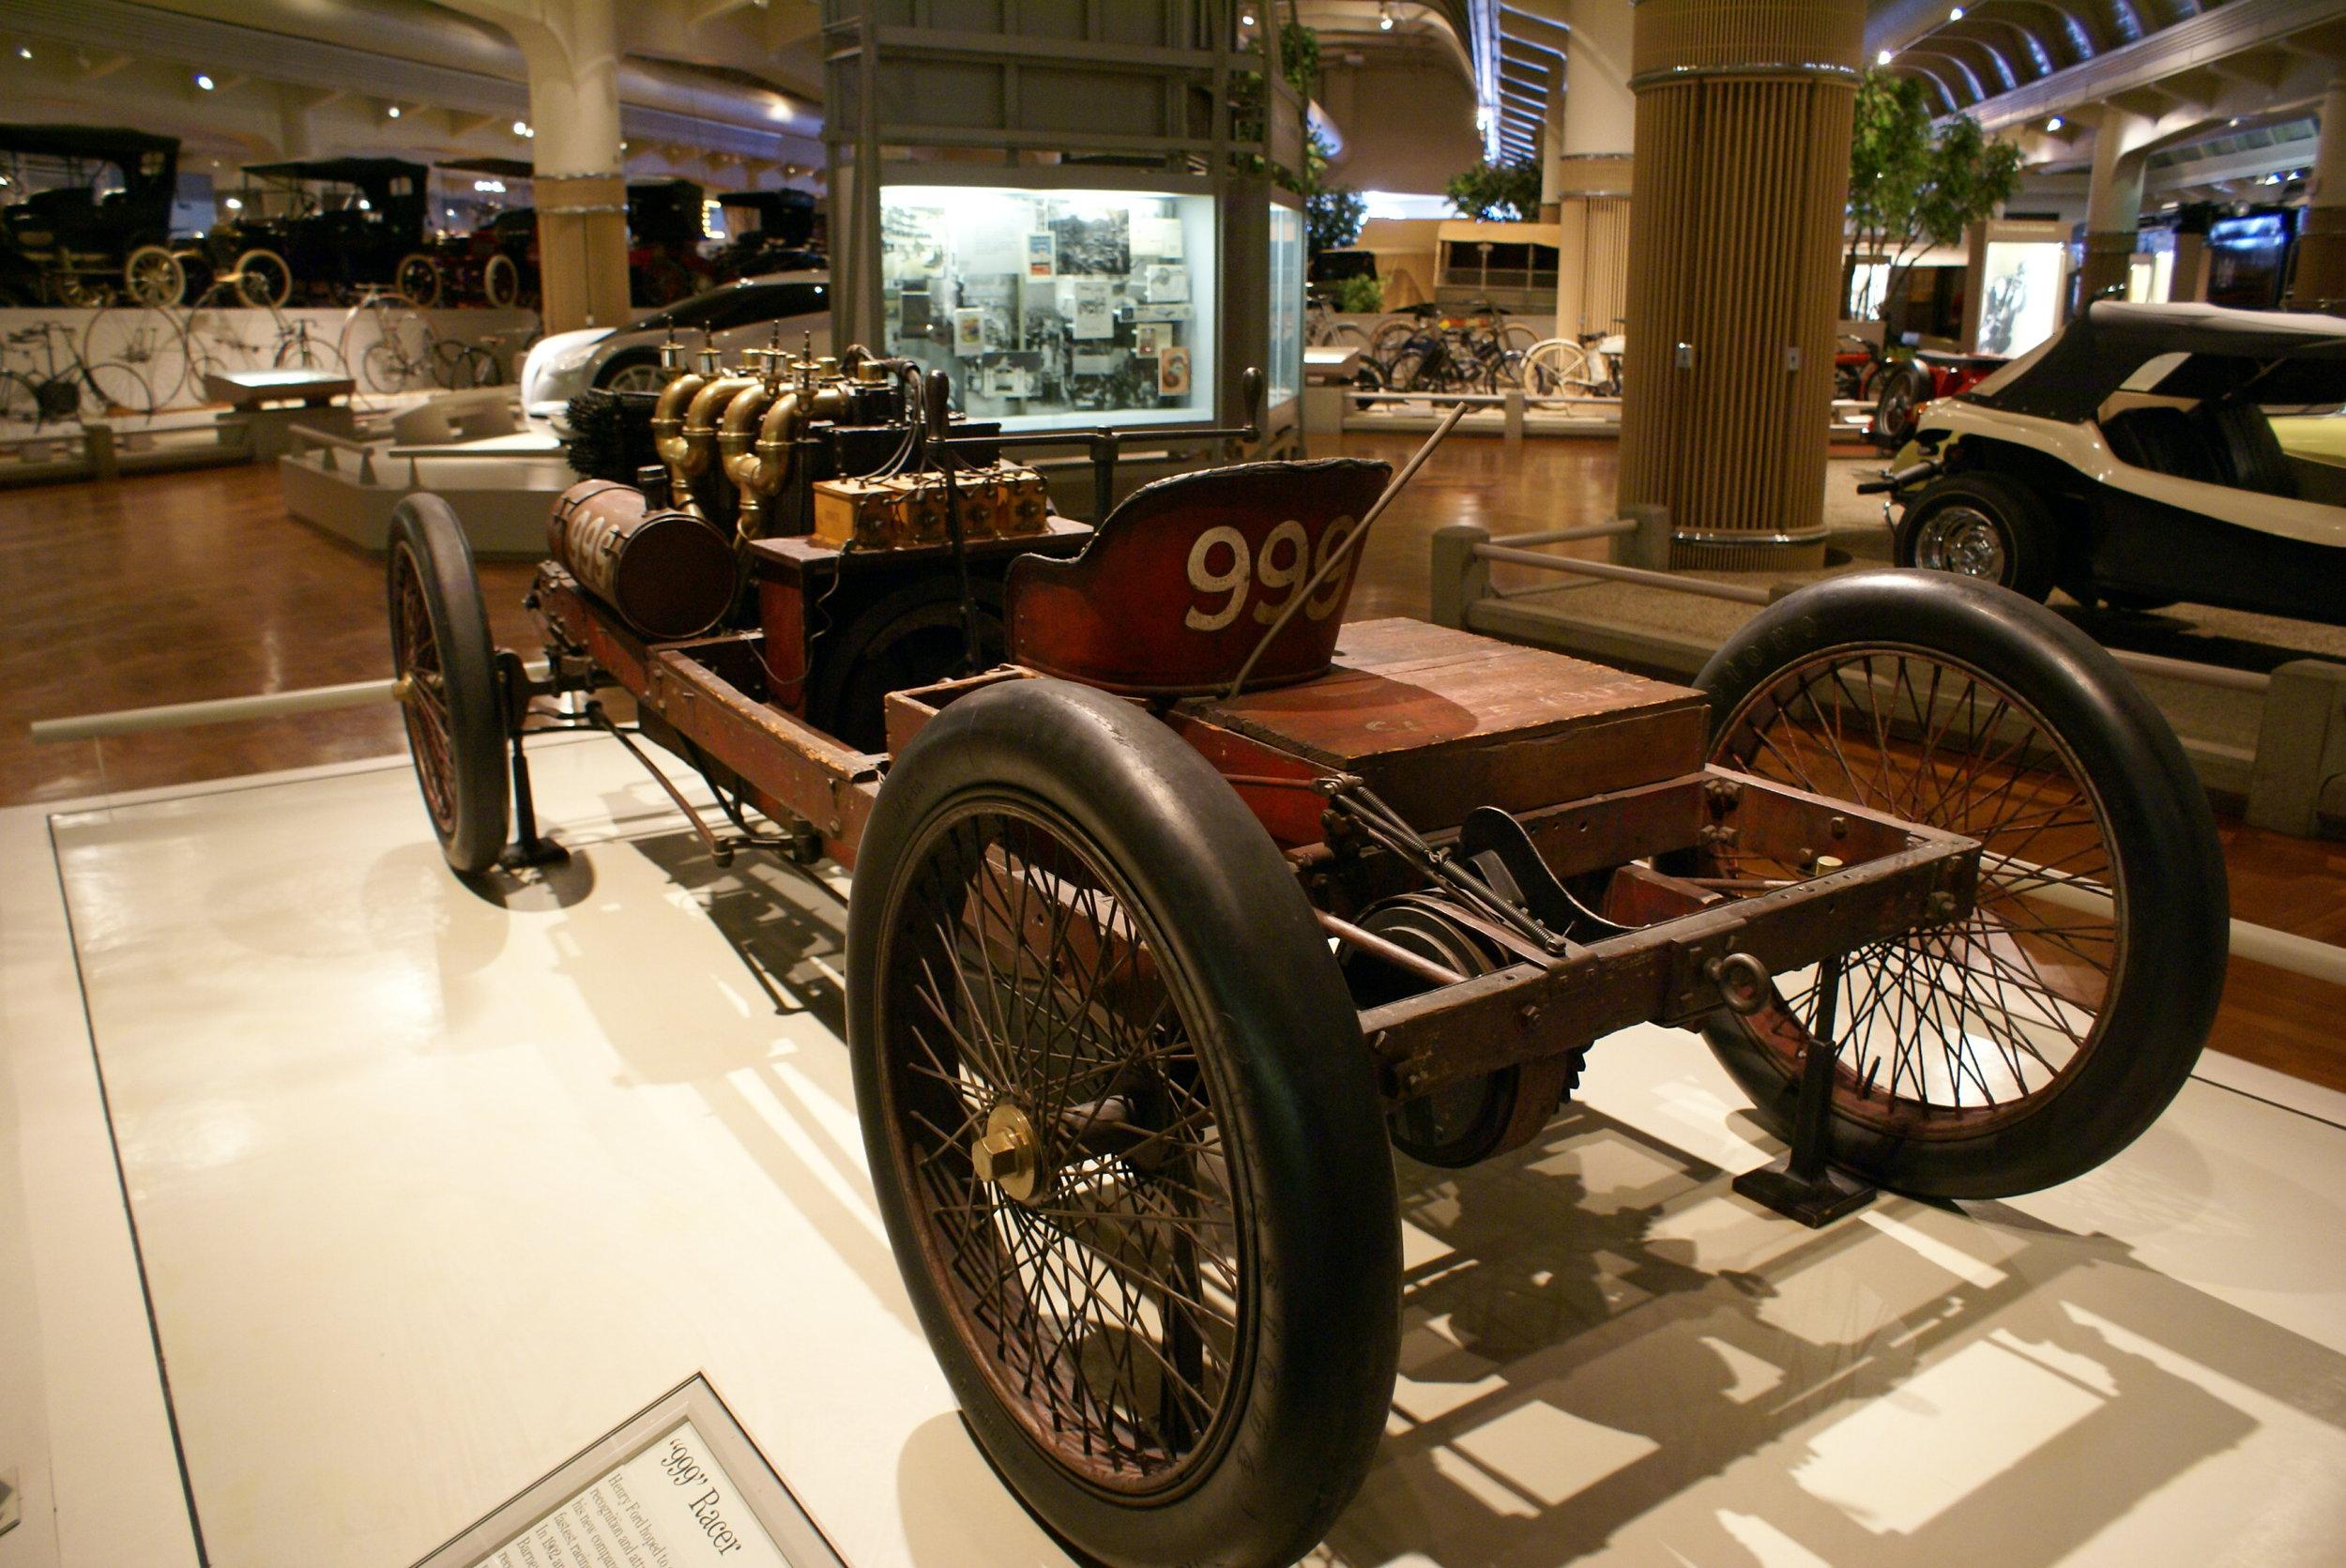 Ford 999 racer rear.JPG